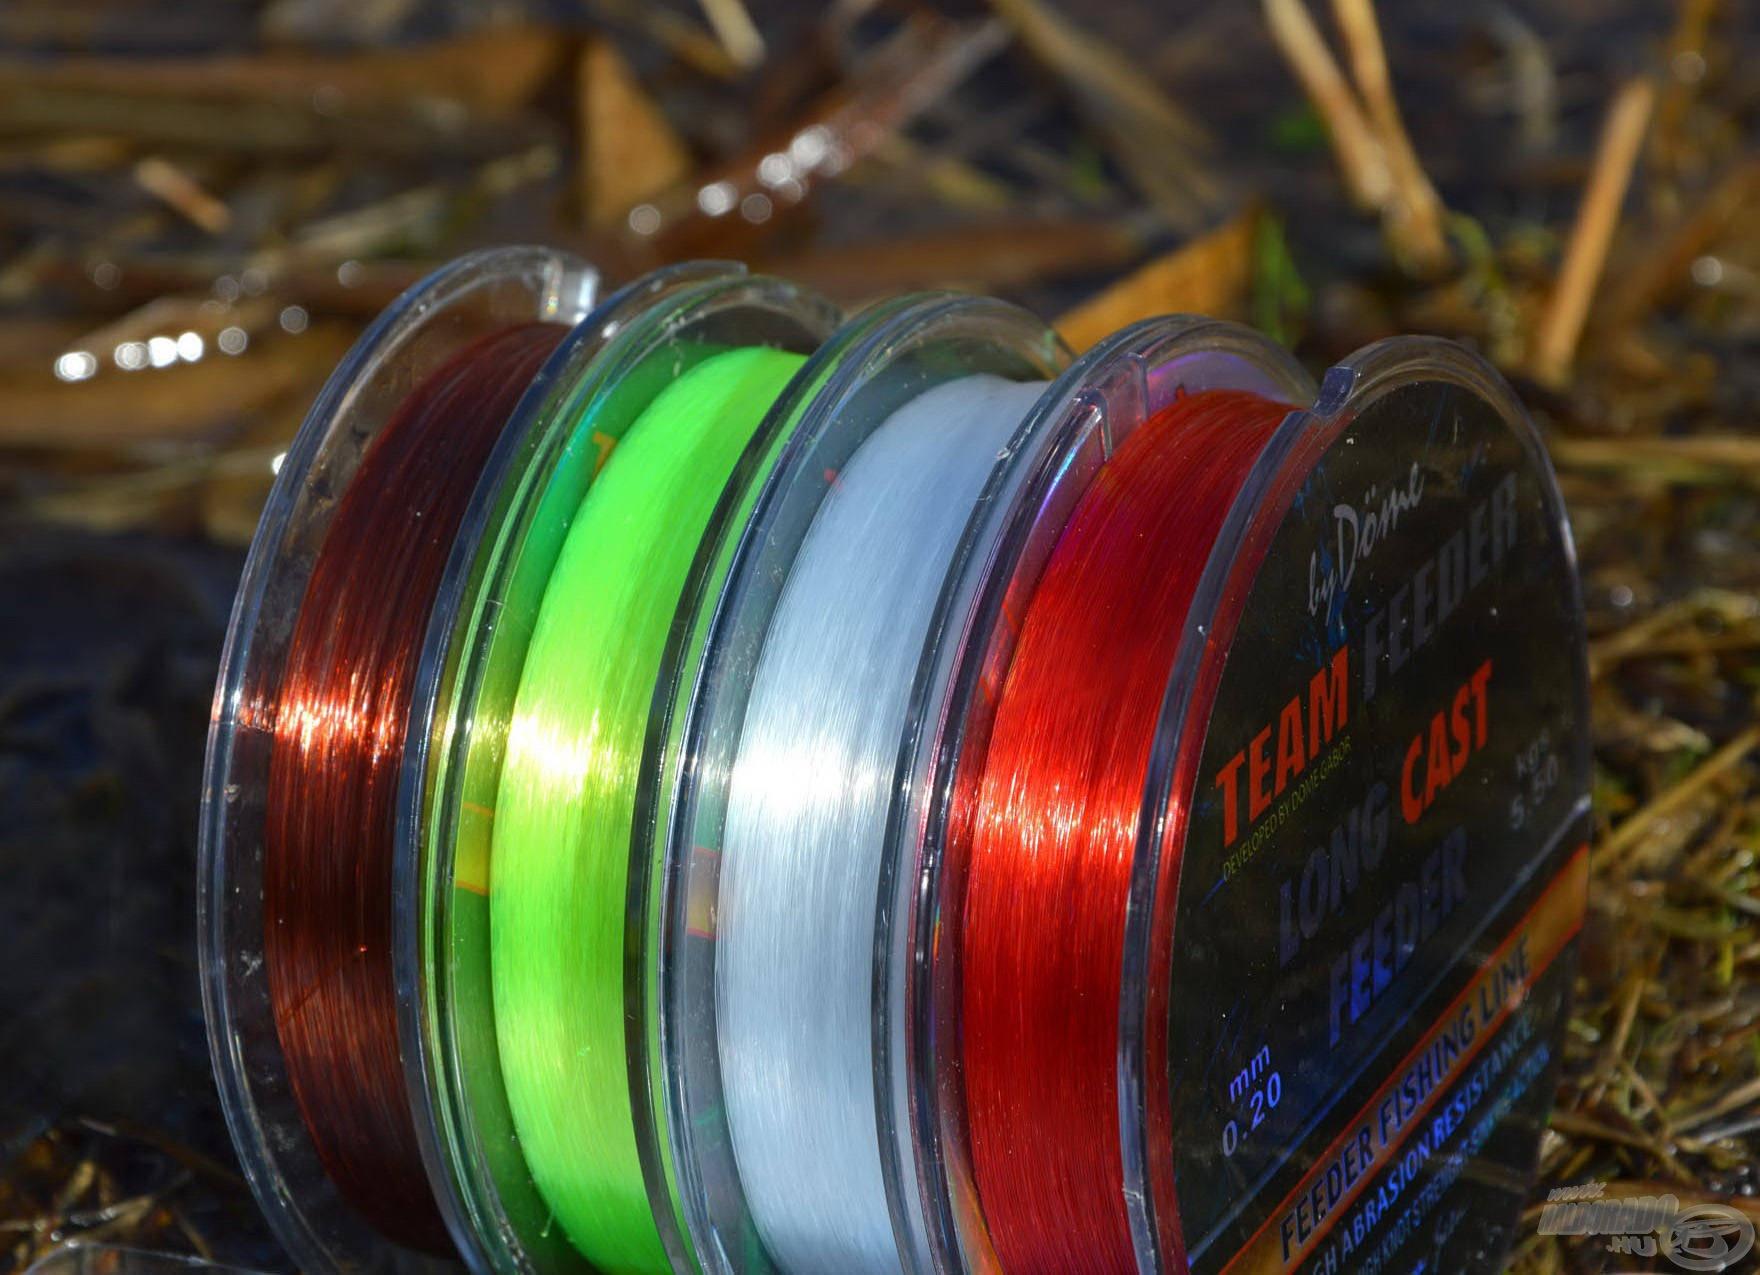 Különleges színek és kiemelkedő tulajdonságok jellemzik ezeket